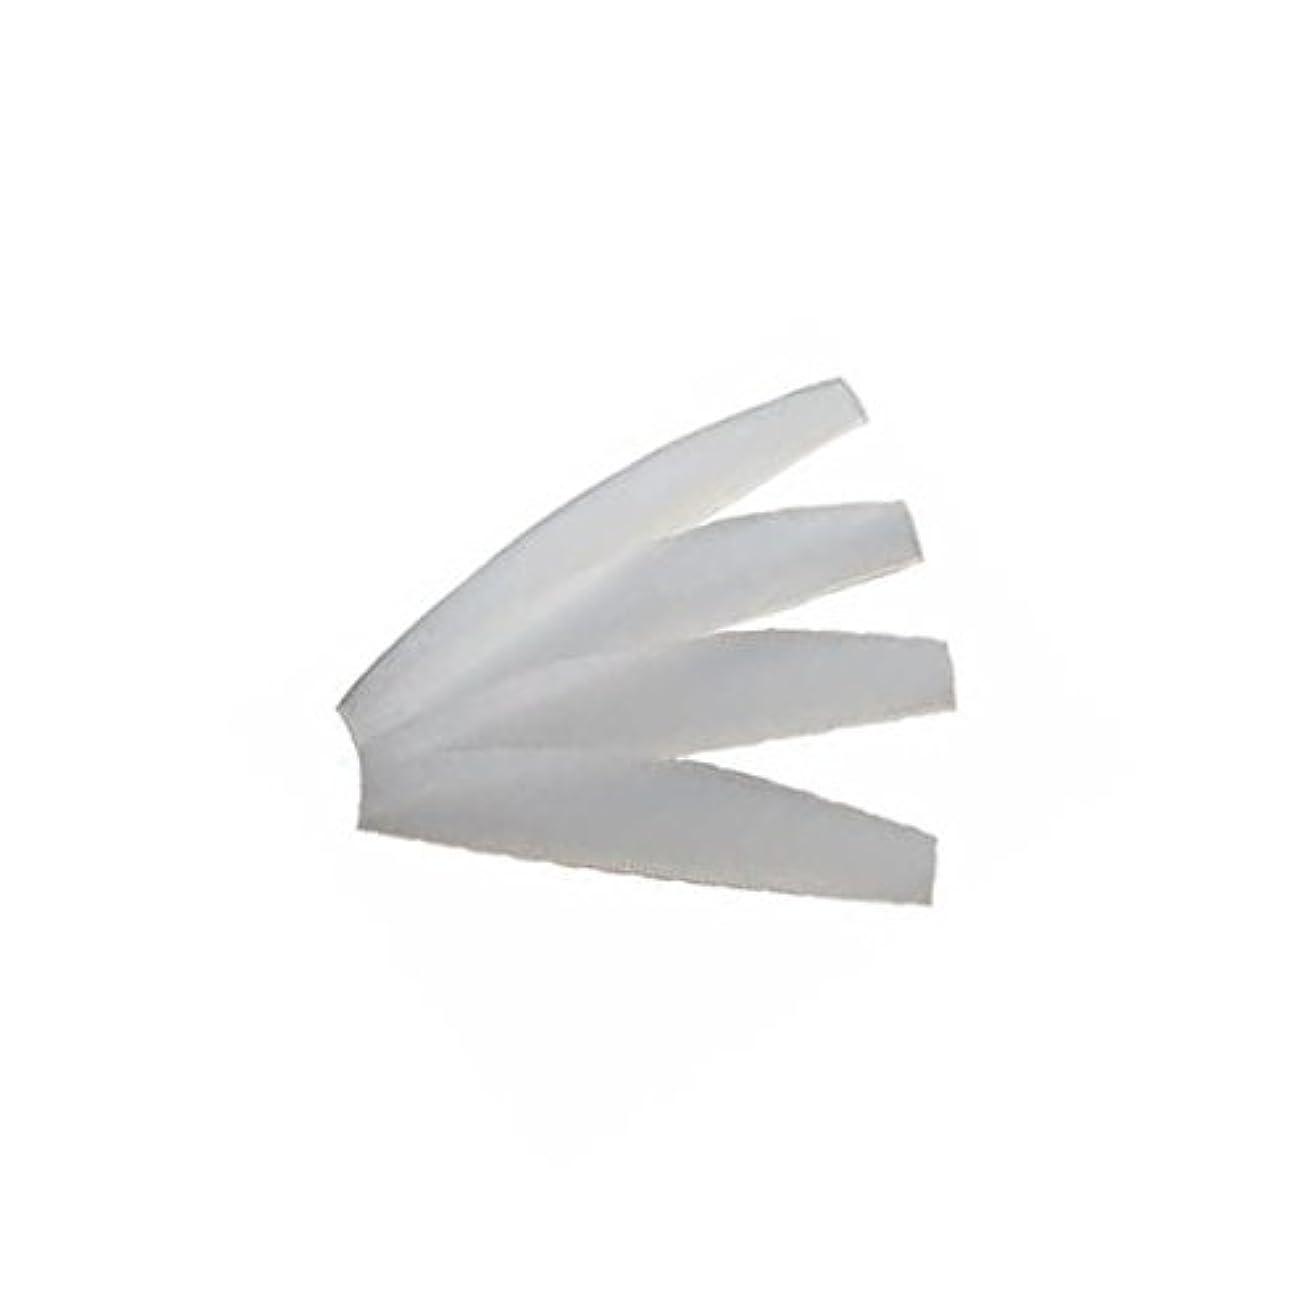 < CKL > 万能シリコンロット S 幅49×奥行9×高さ0.5~1.5mm 20枚 [ まつげカール まつげパーマロッド シリコンロット まつげエクステ まつ毛エクステ まつエク マツエク ]